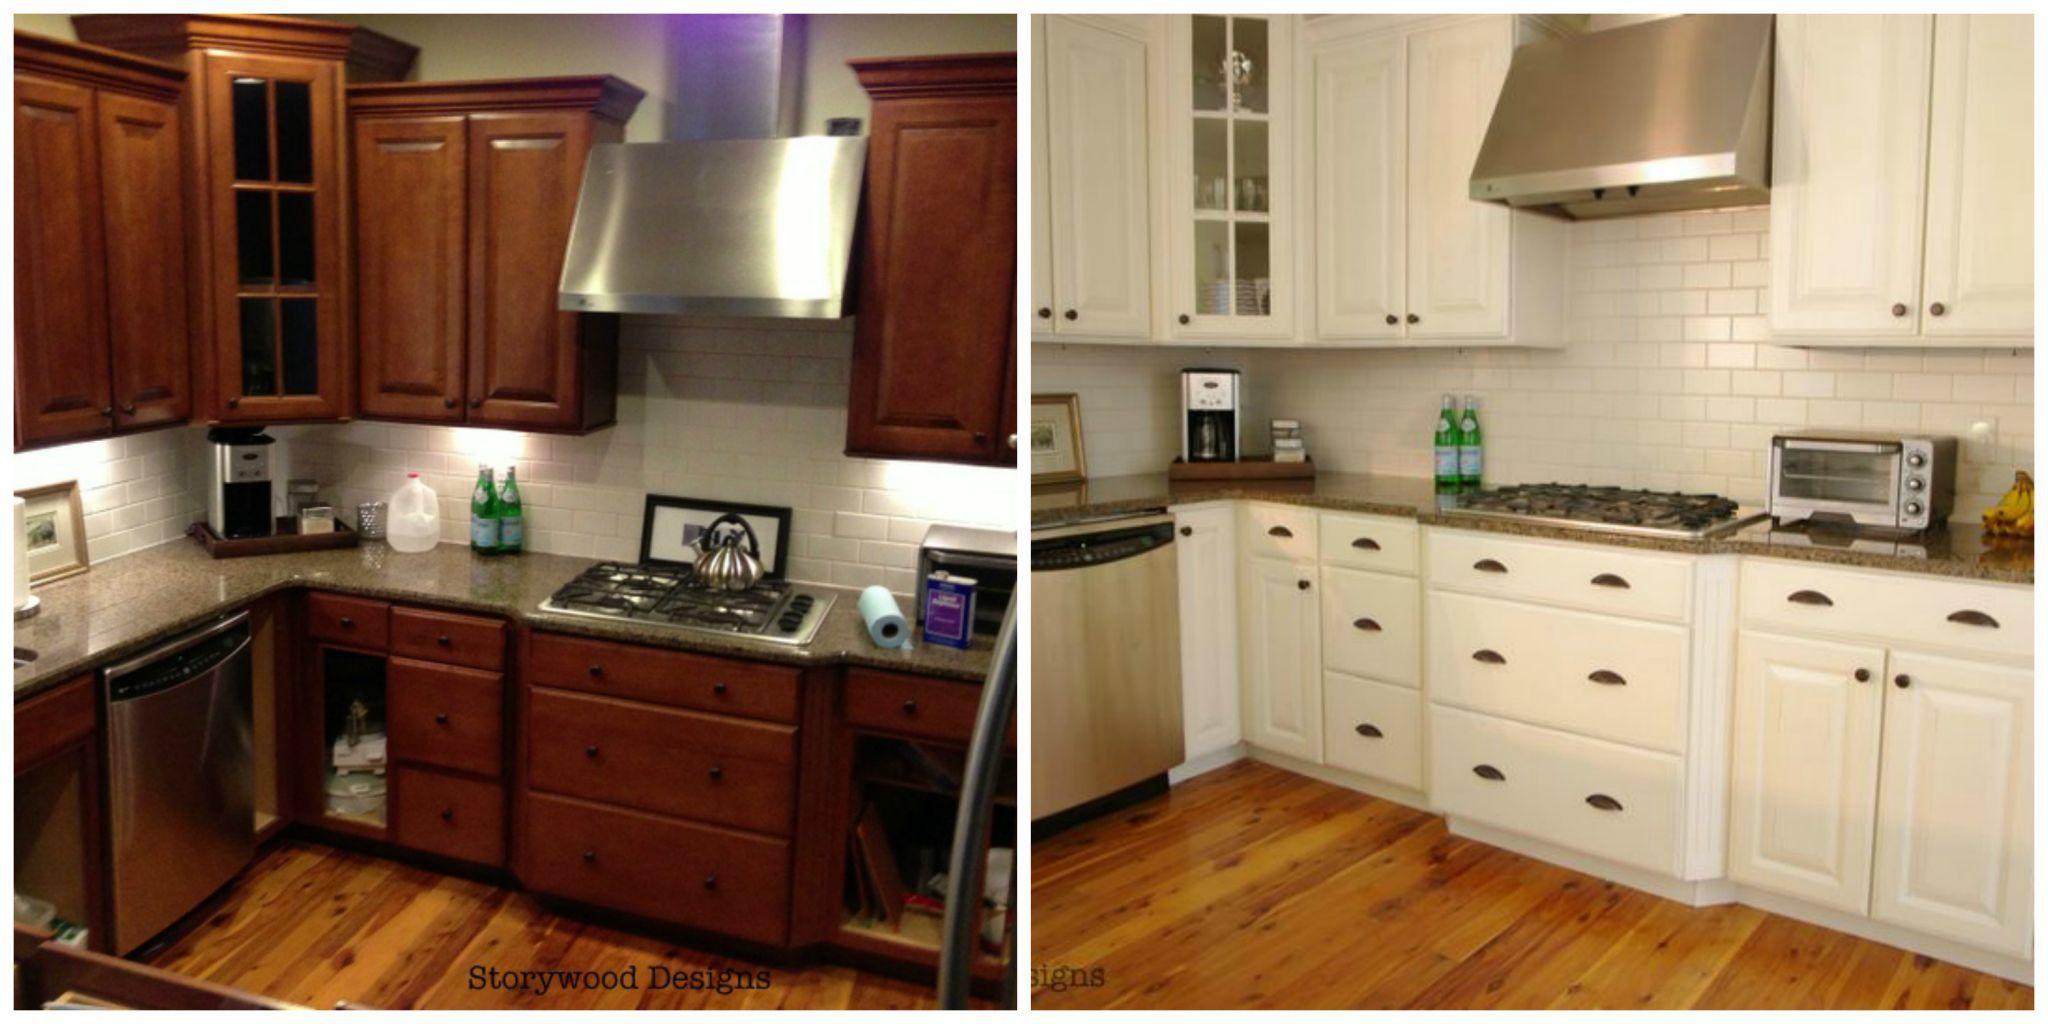 Suche nach der besten Farbe für Küchenmöbel, damit es neu